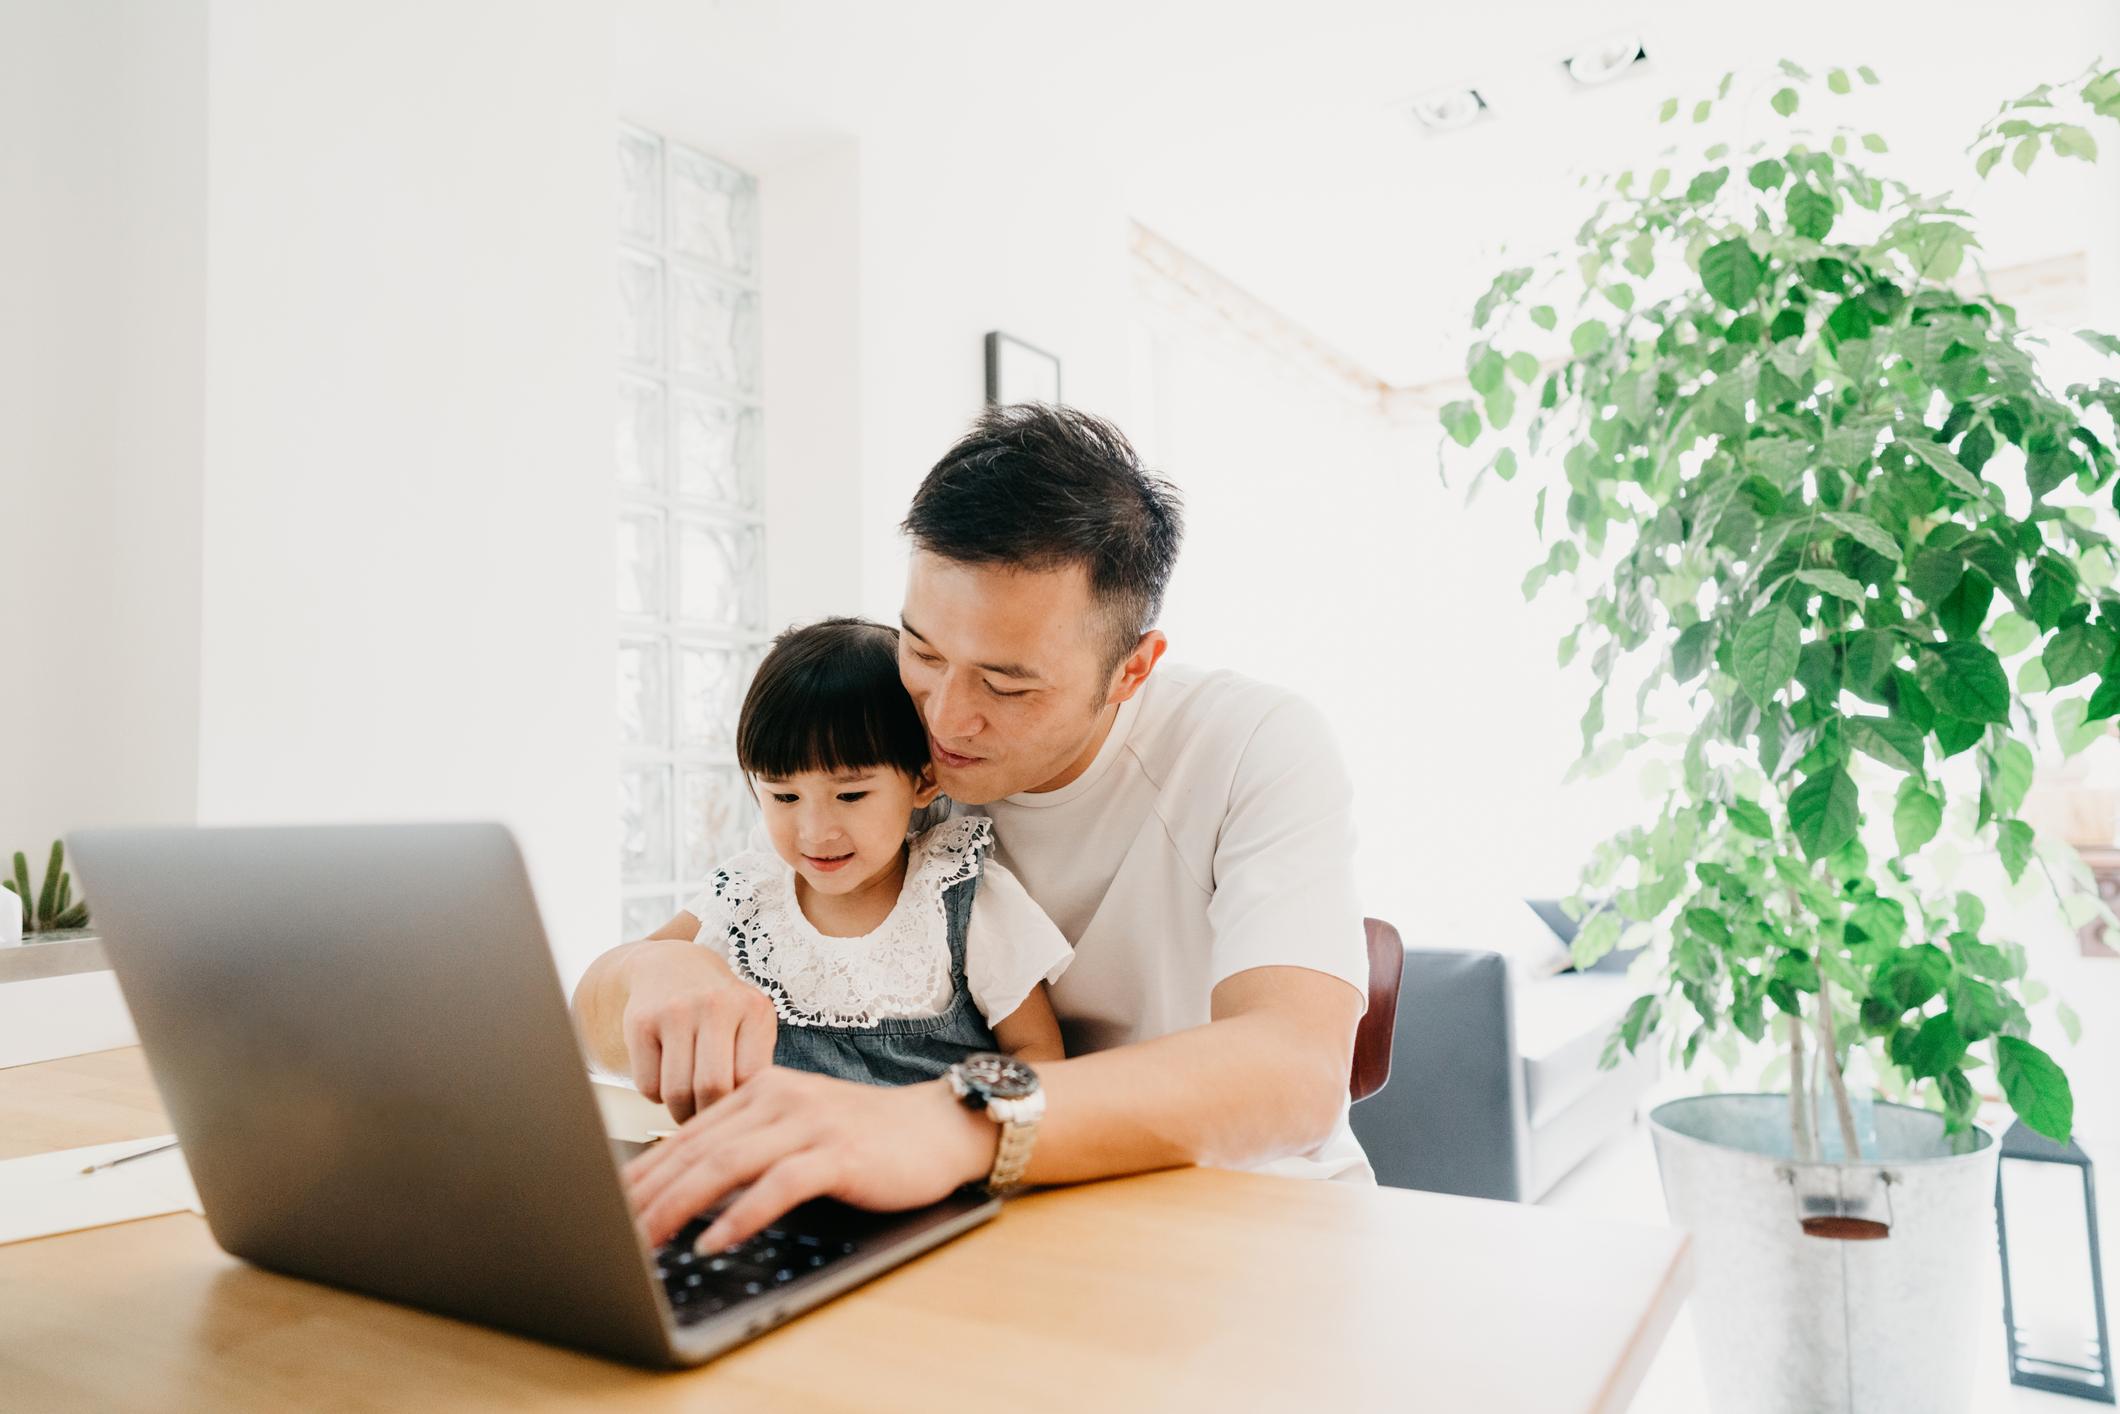 Dad teaching daughter to type on laptop